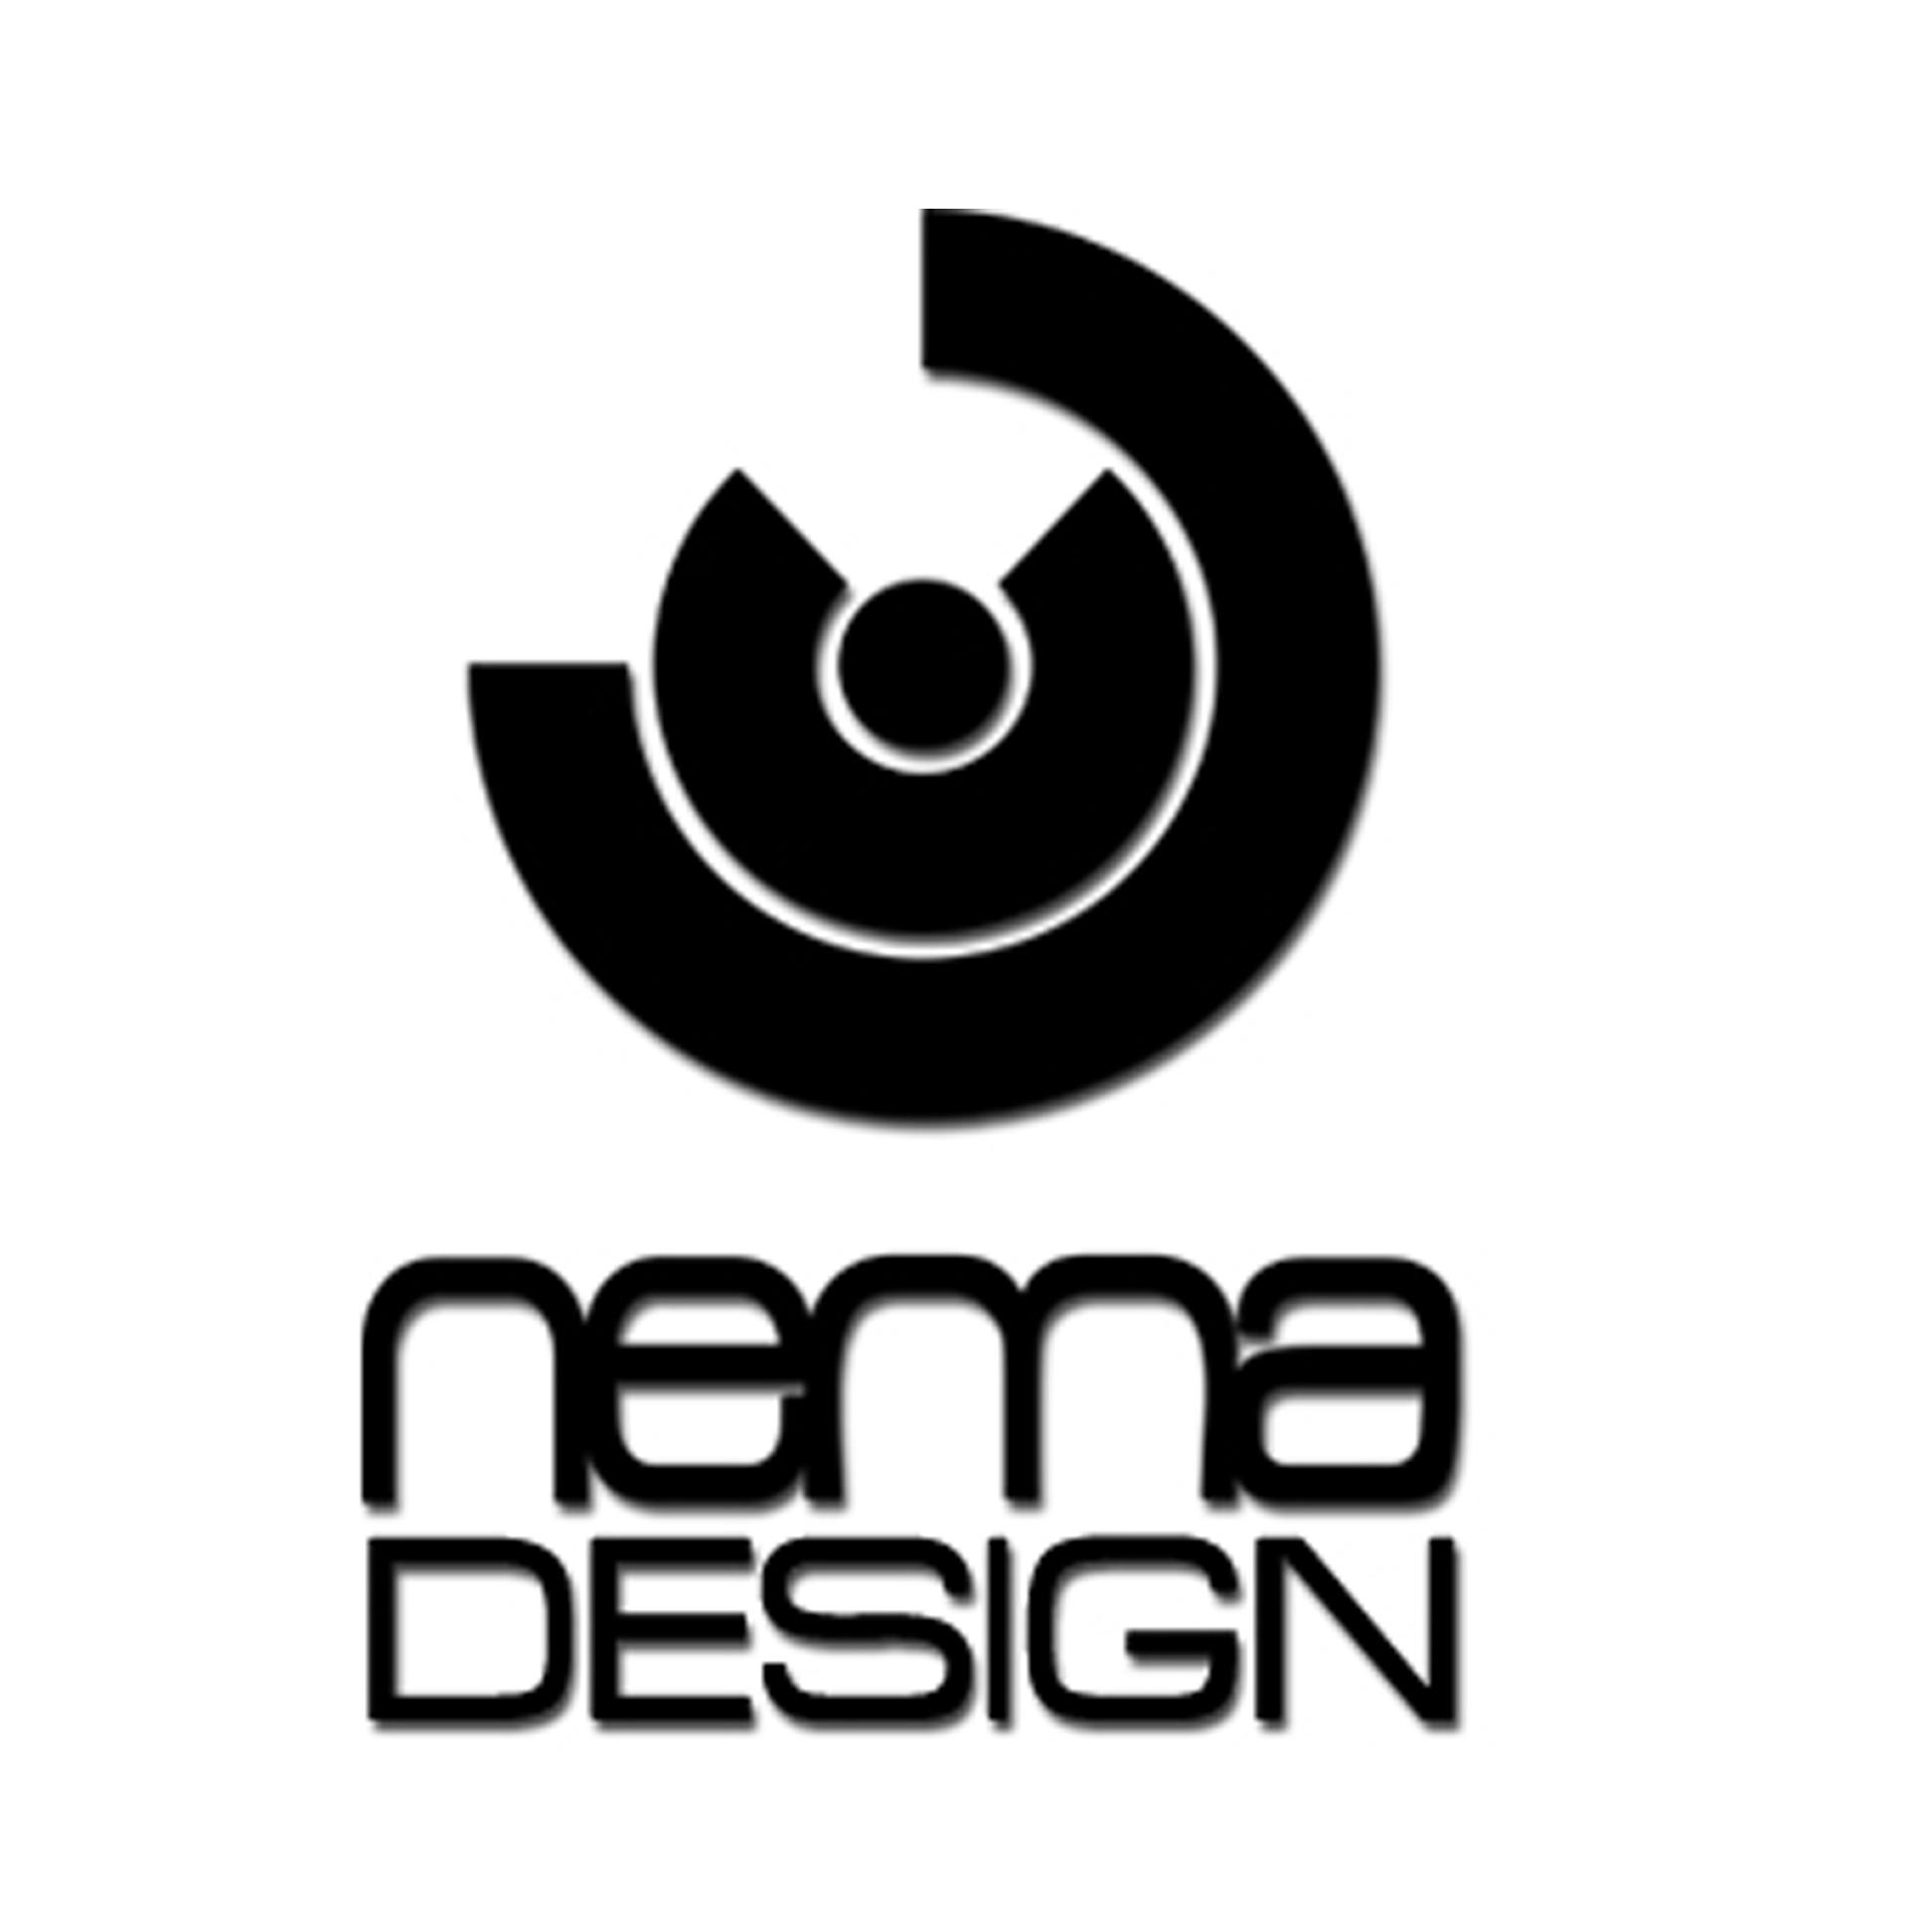 nema_logo_design